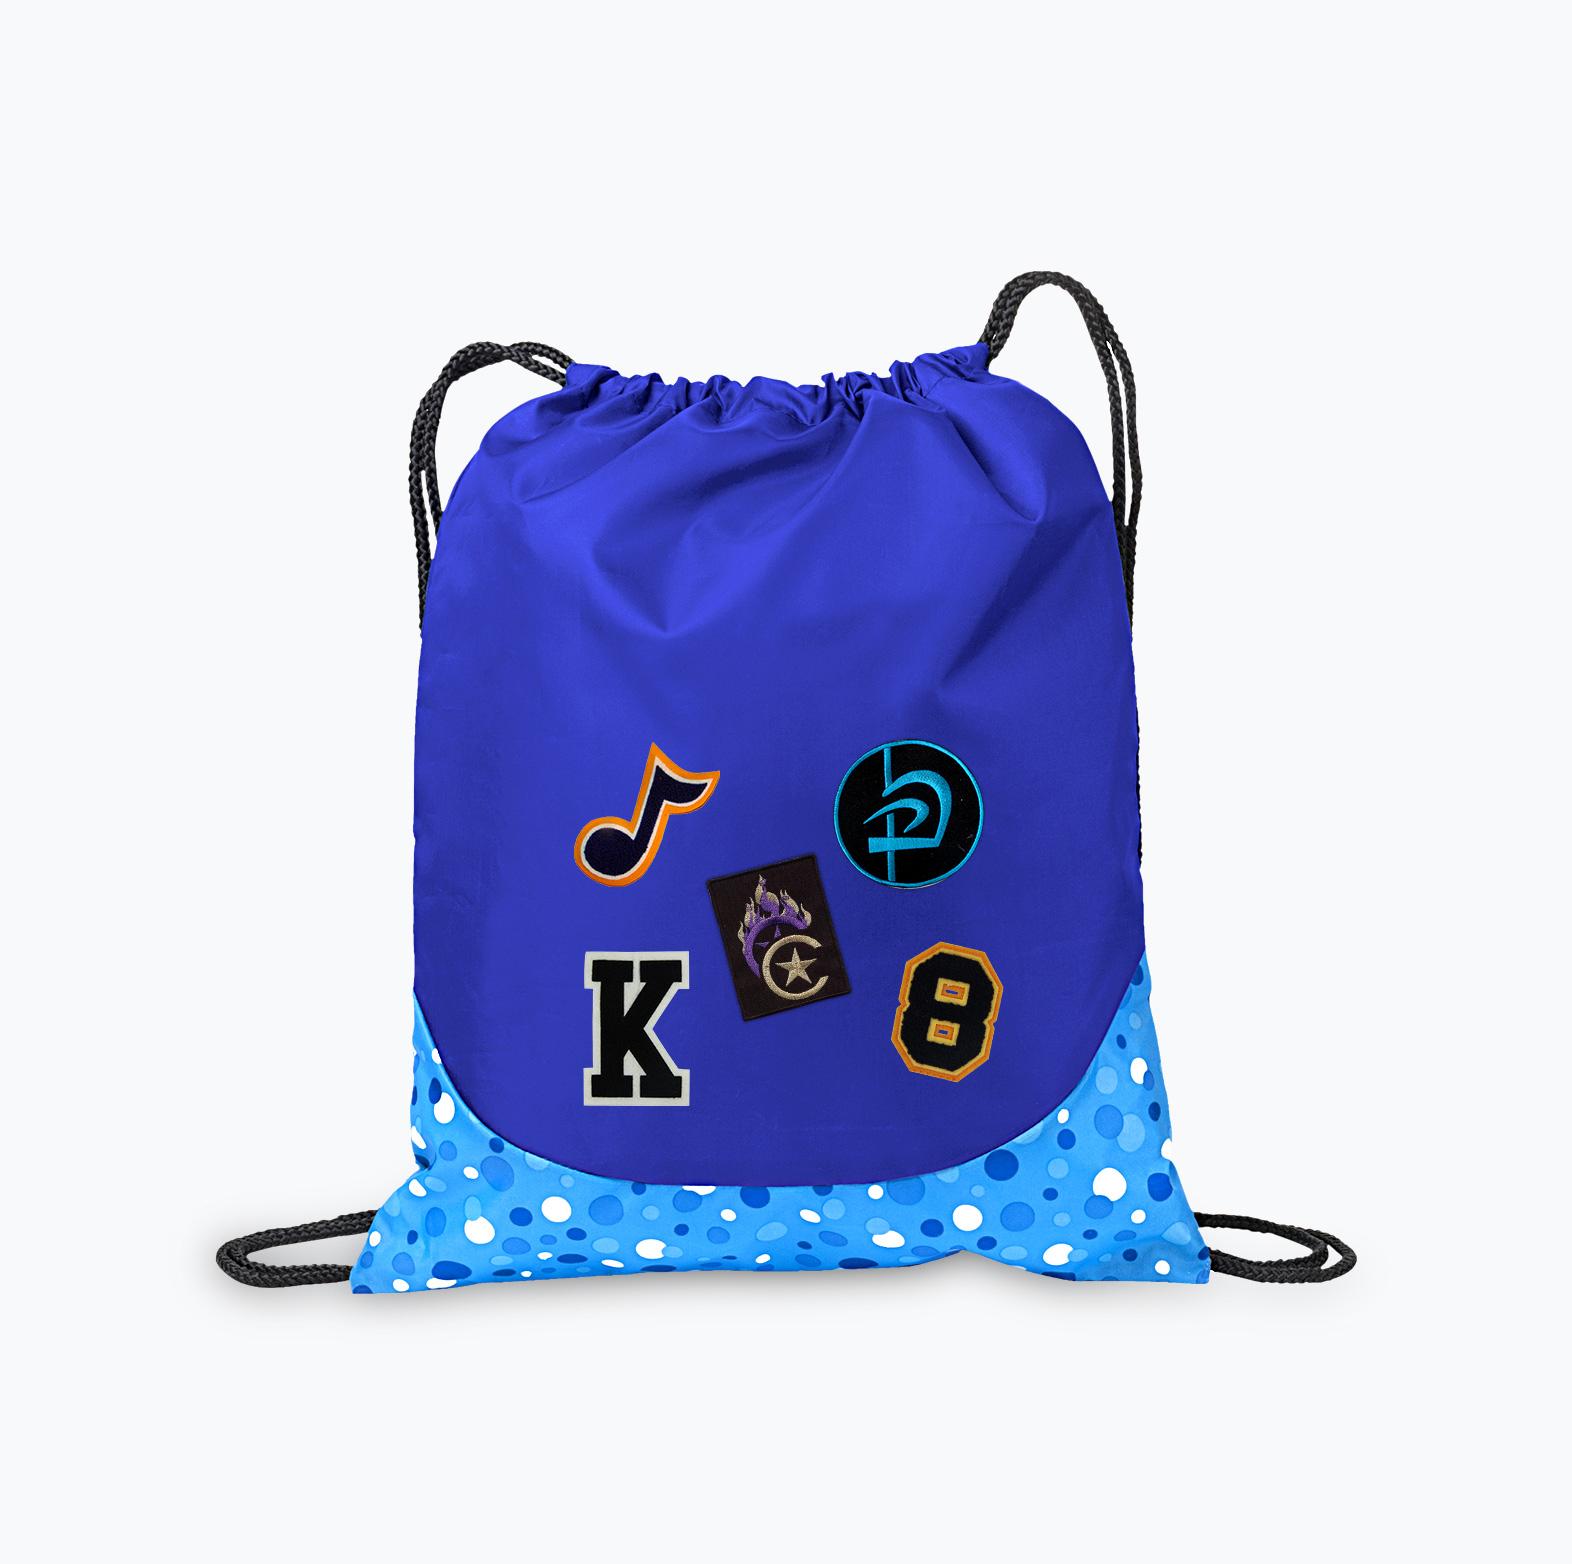 drawstring-bags-sku-sm-bg612